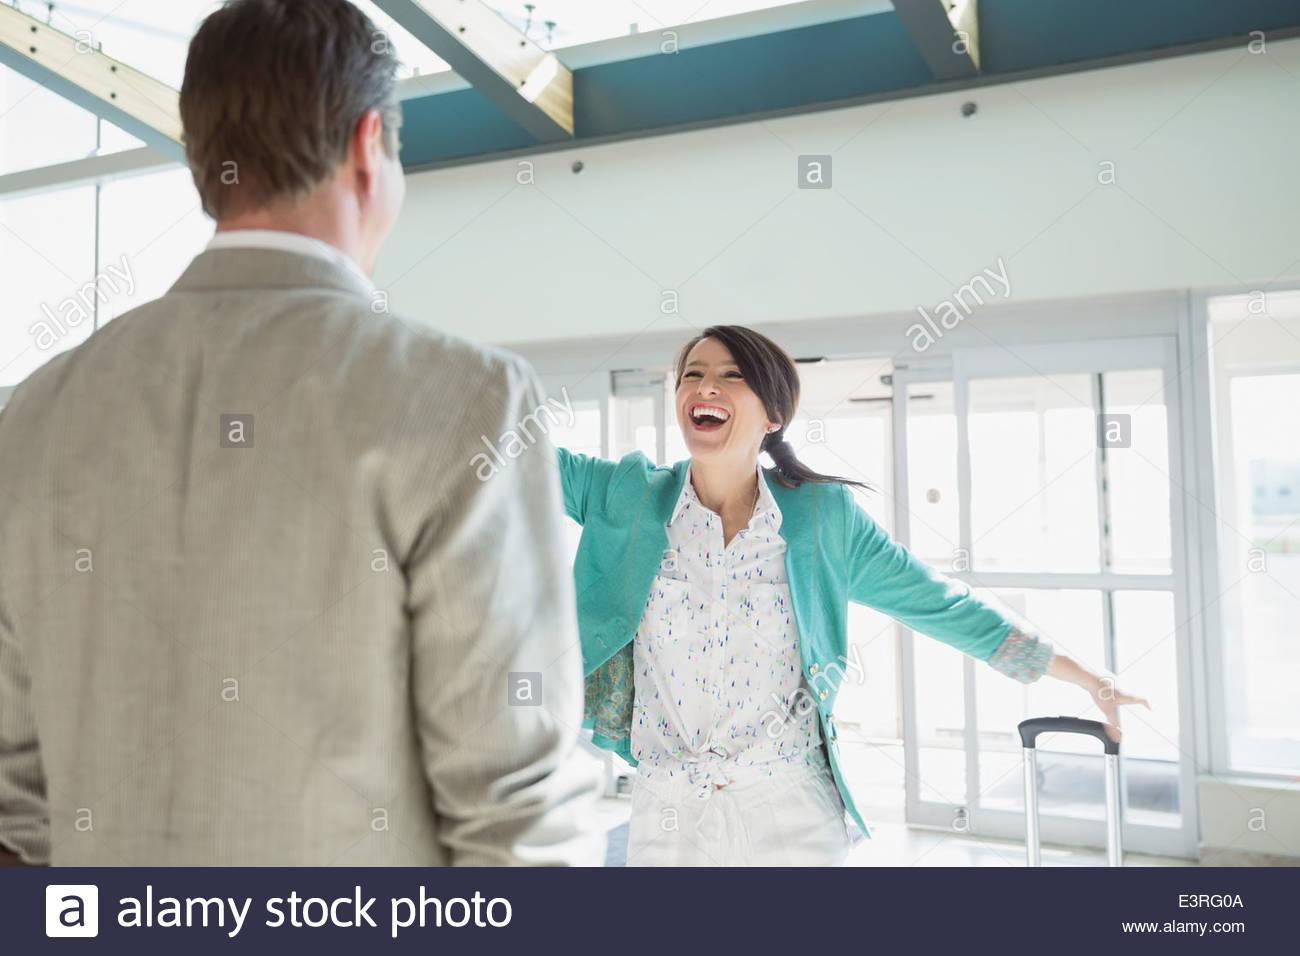 Begeisterte Frau Gruß Mann in Flughafen Stockbild